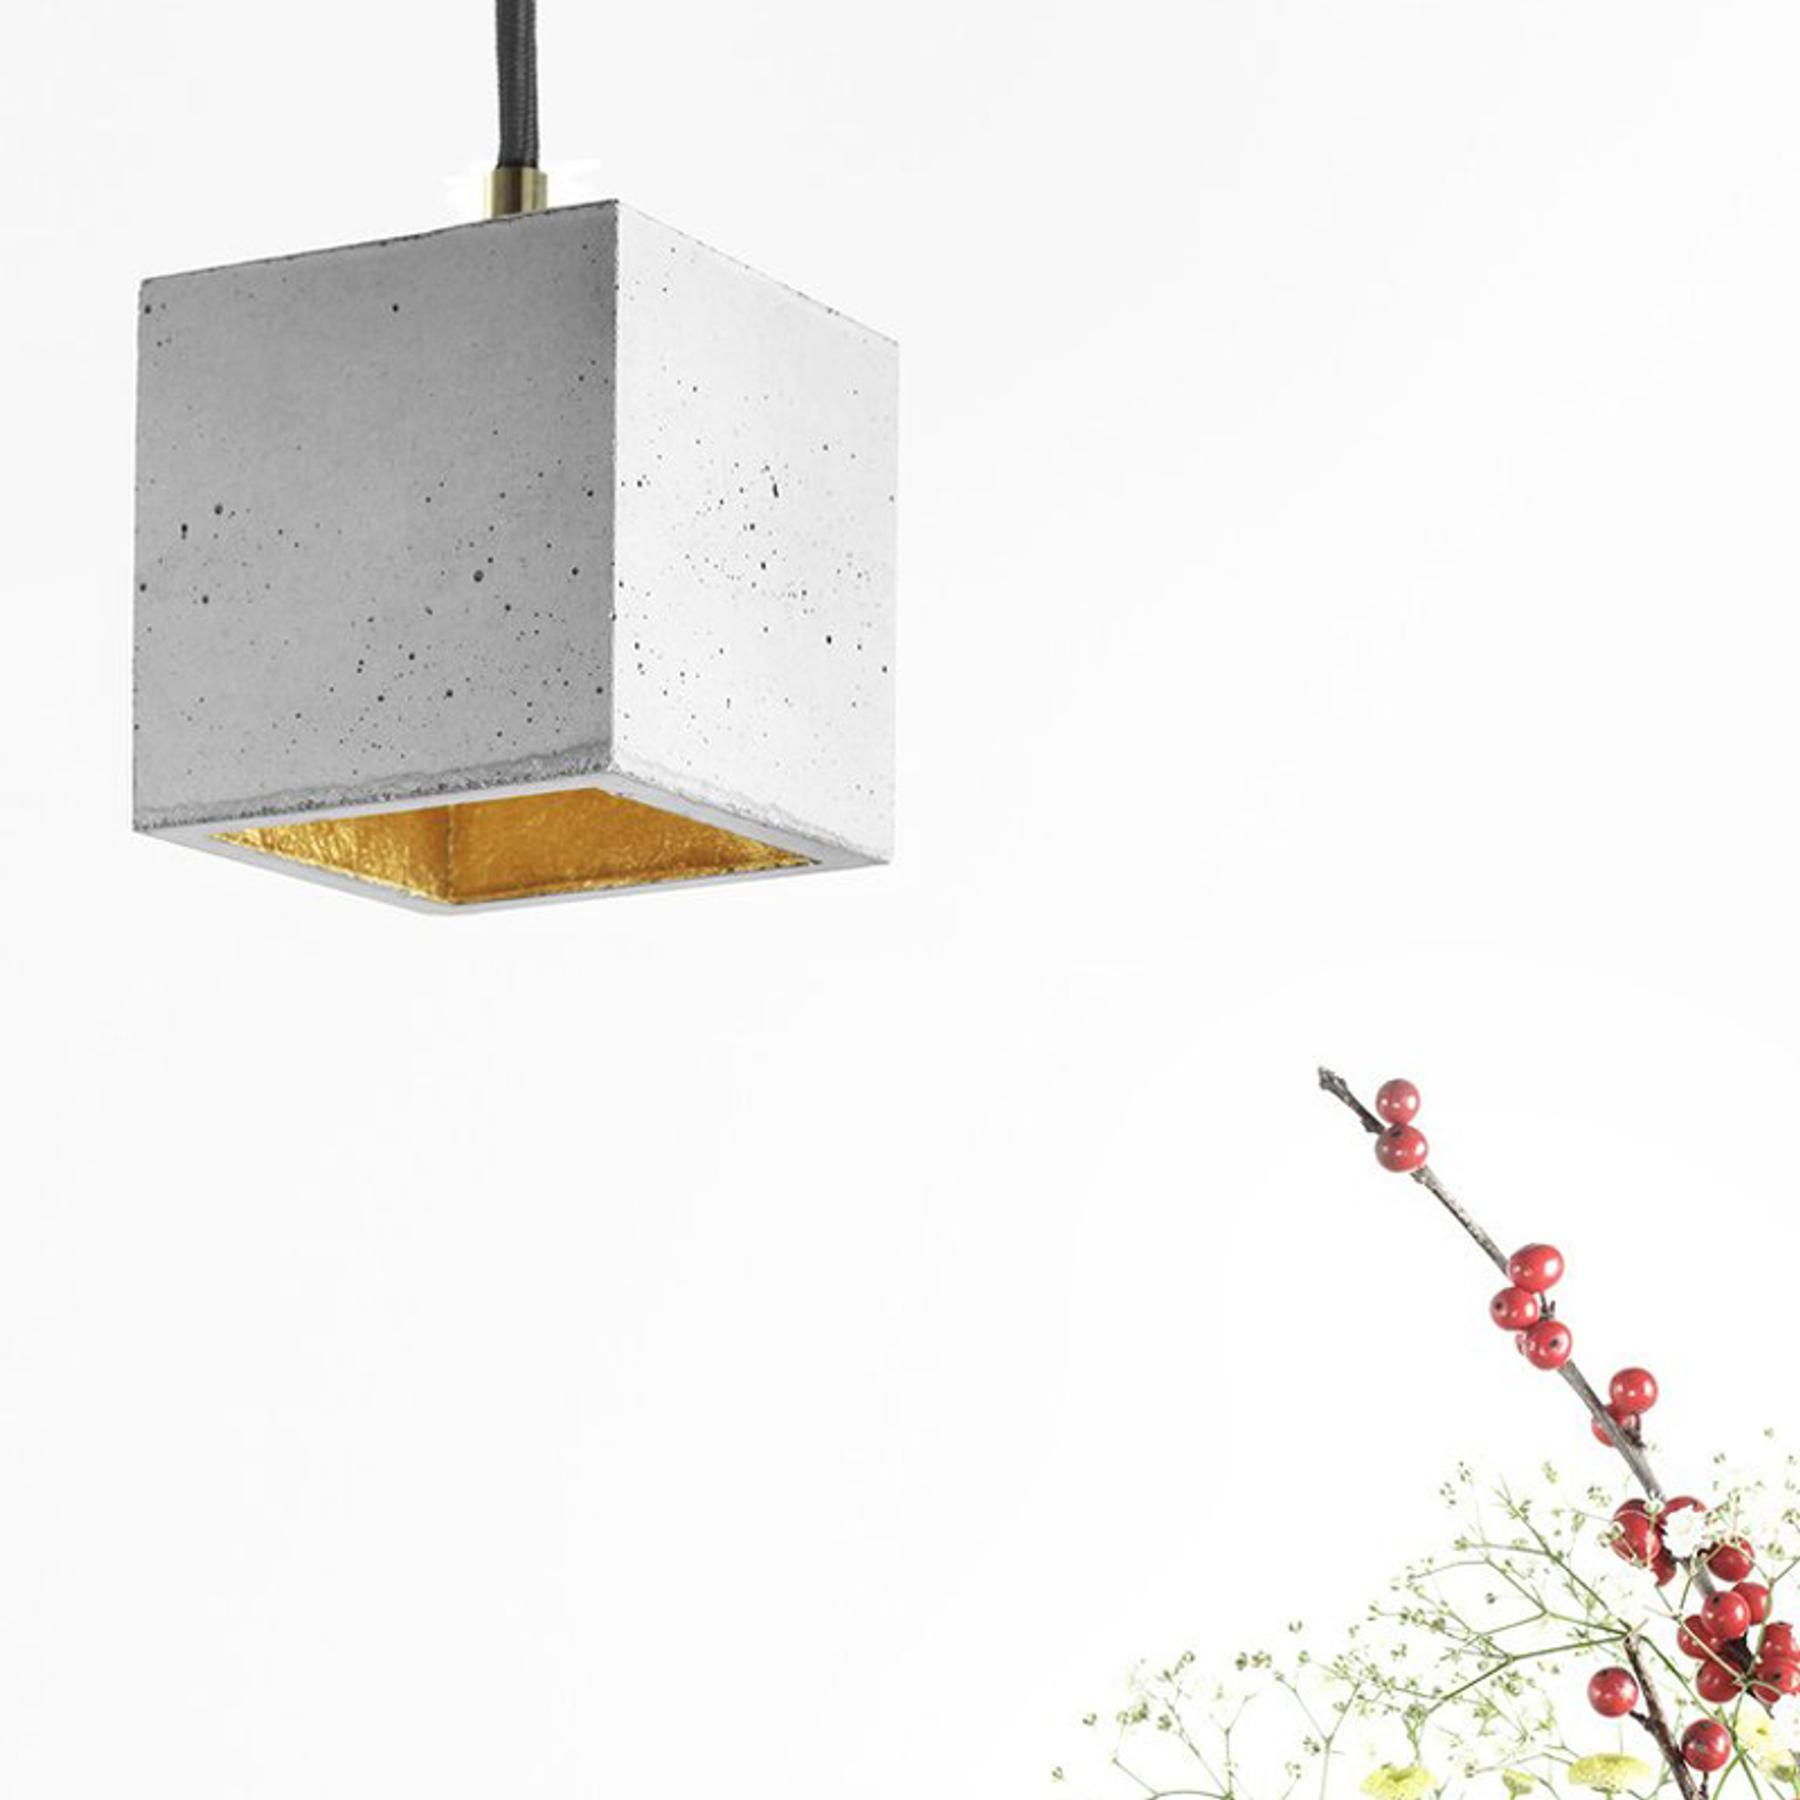 Beton Hangelampe Klein In Grau Handgefertigte Quadratische Design